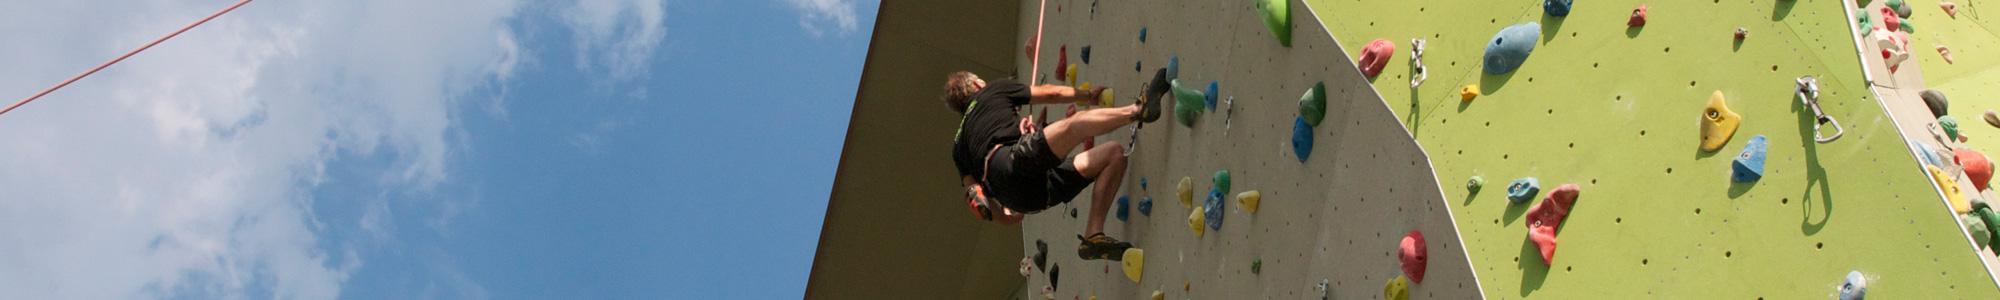 slide-klettern-05